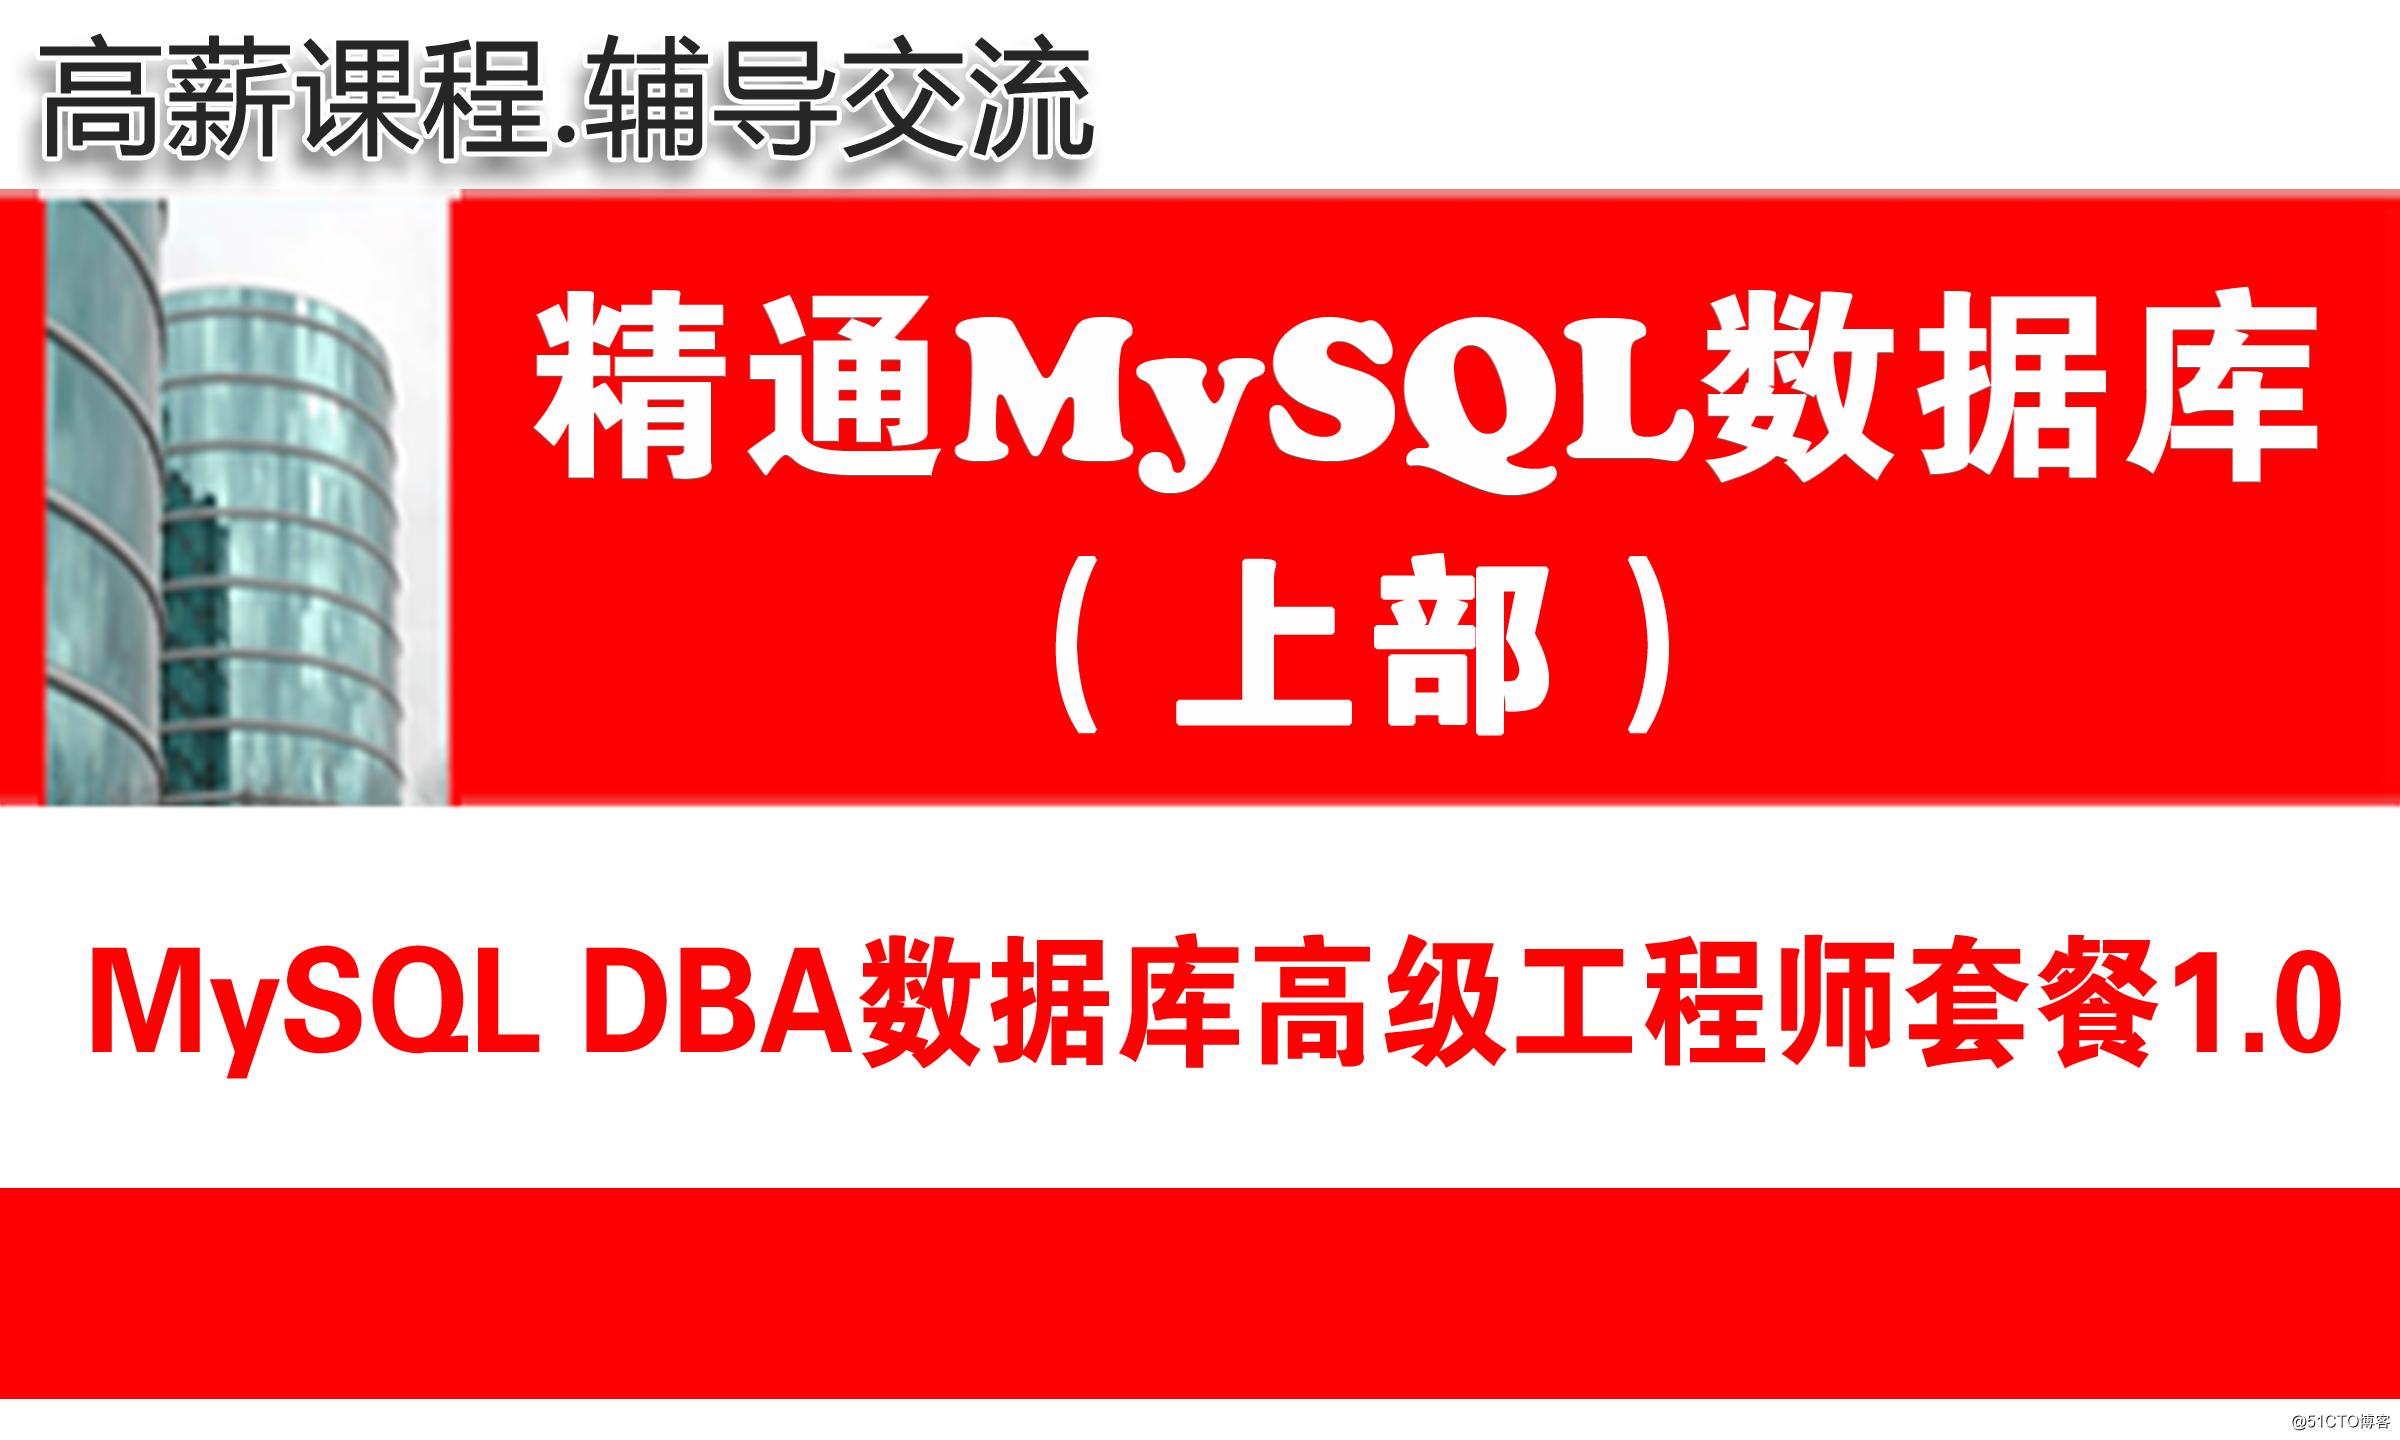 51CTO学院-双11活动赠送活动-双数据库(Oracle+MySQL)大神级系列教程分享